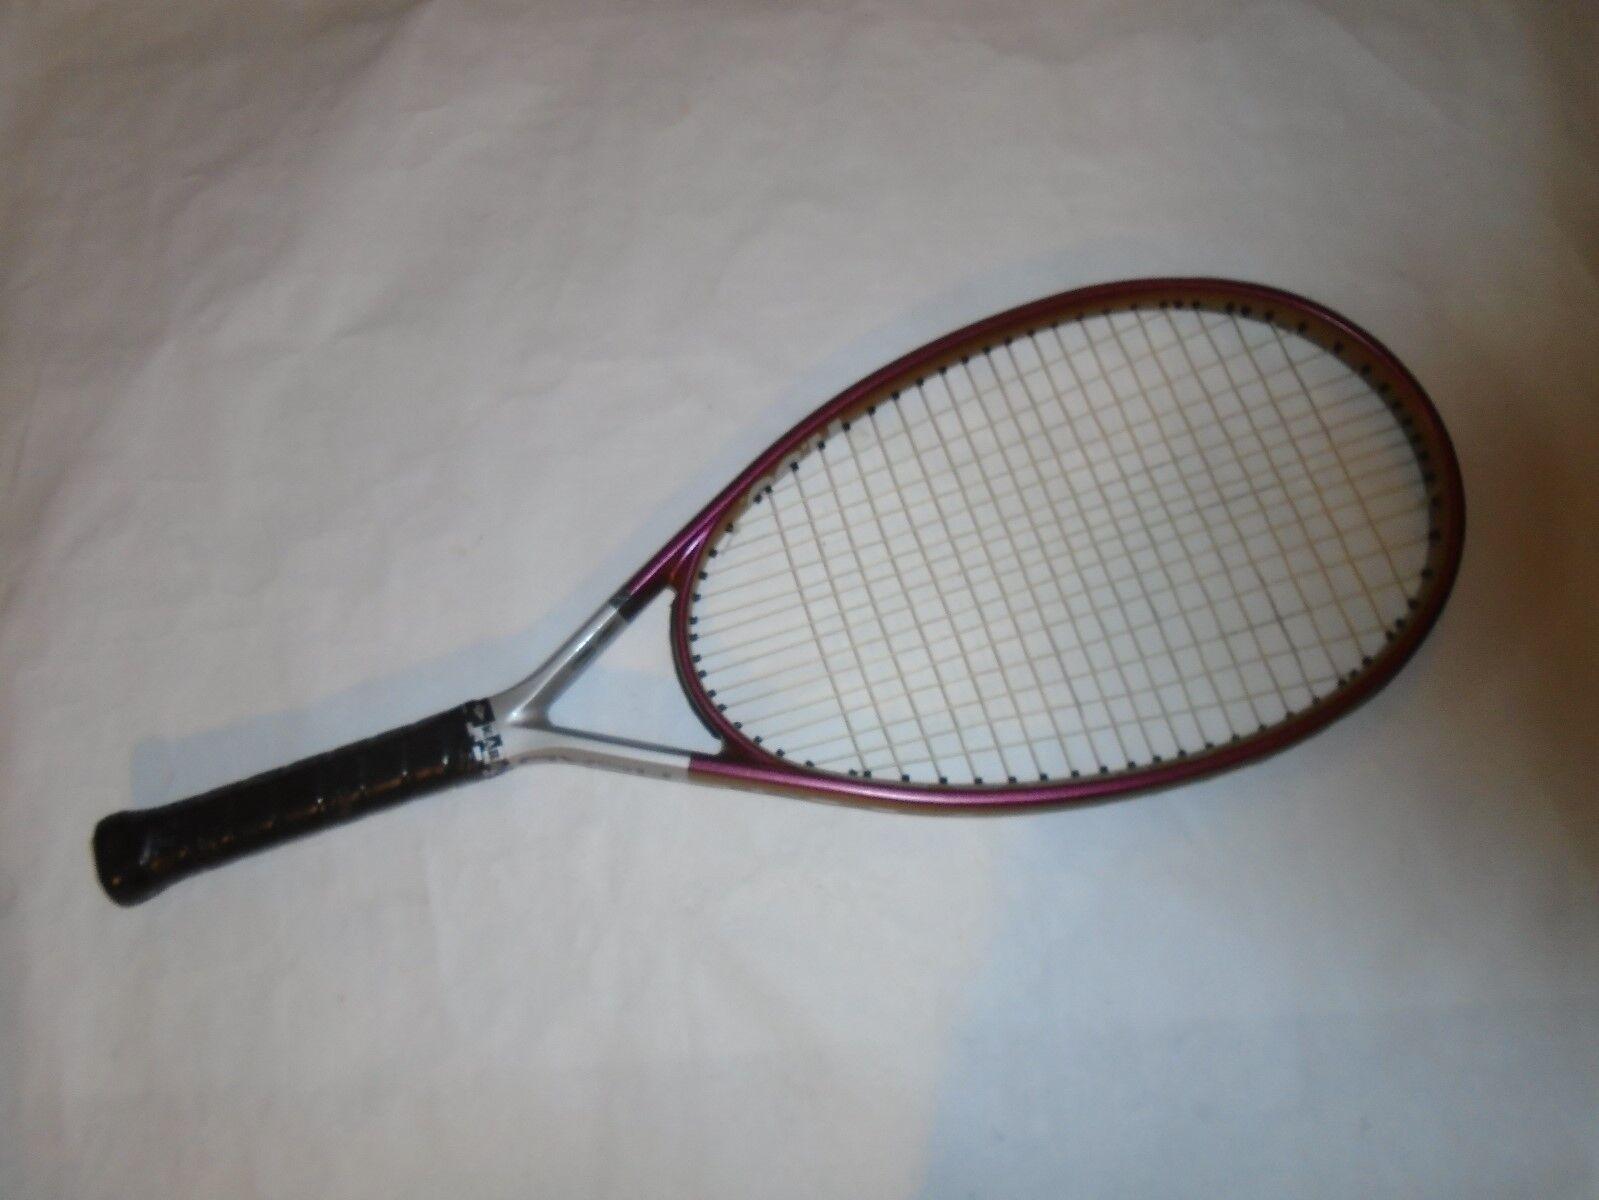 Head Ti.S8 Super OverTaille (120) xtralong Raquette de tennis. 4 1 2. Fabriqué en Autriche. très bon.